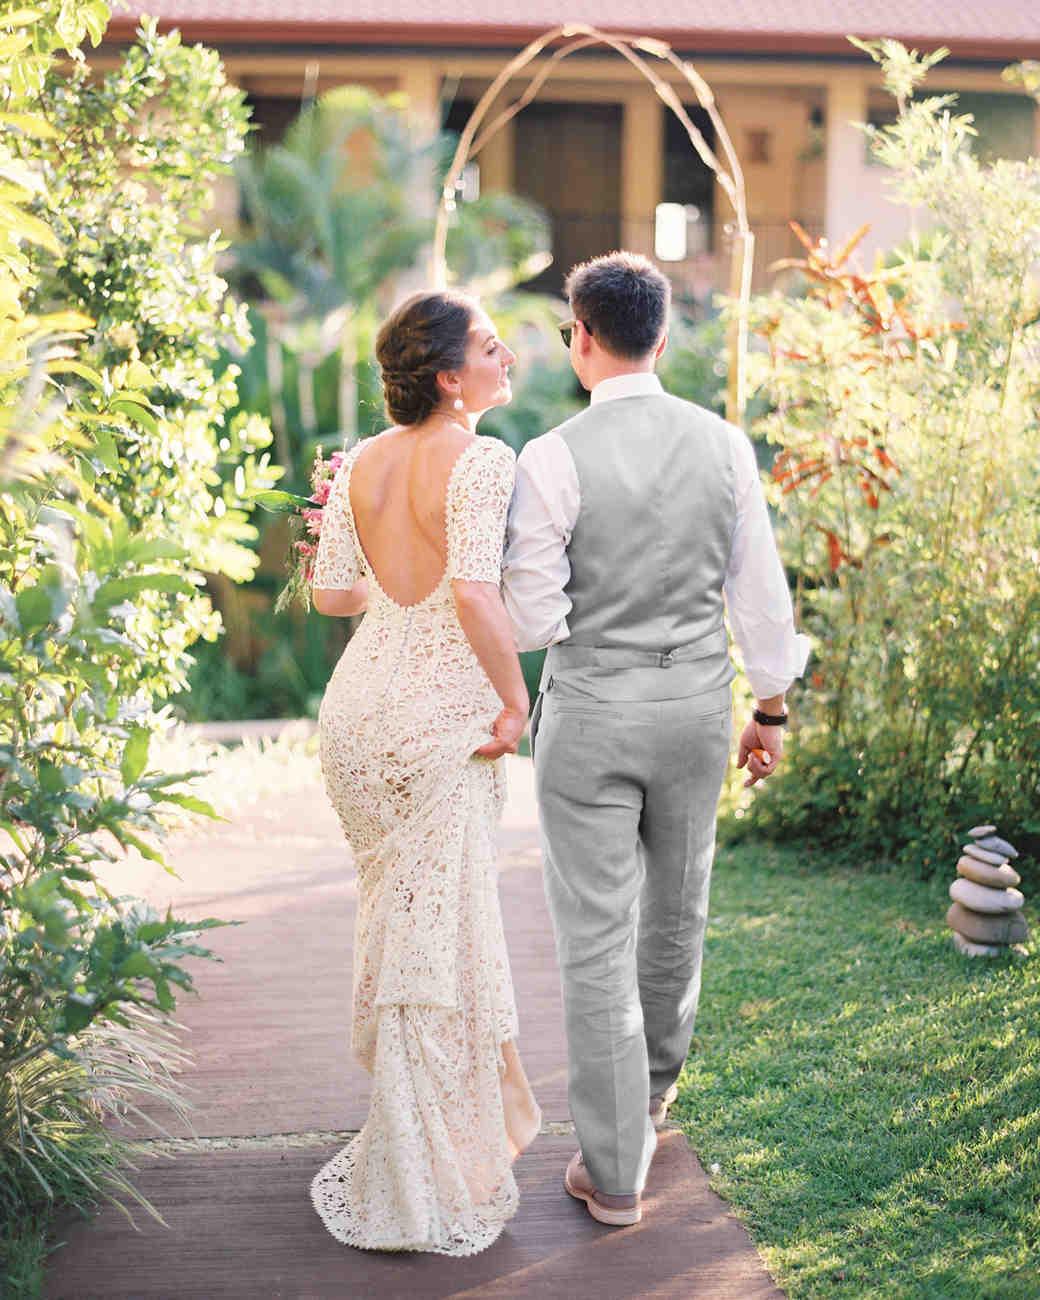 sierra-michael-couple-75-mmwds110371.jpg